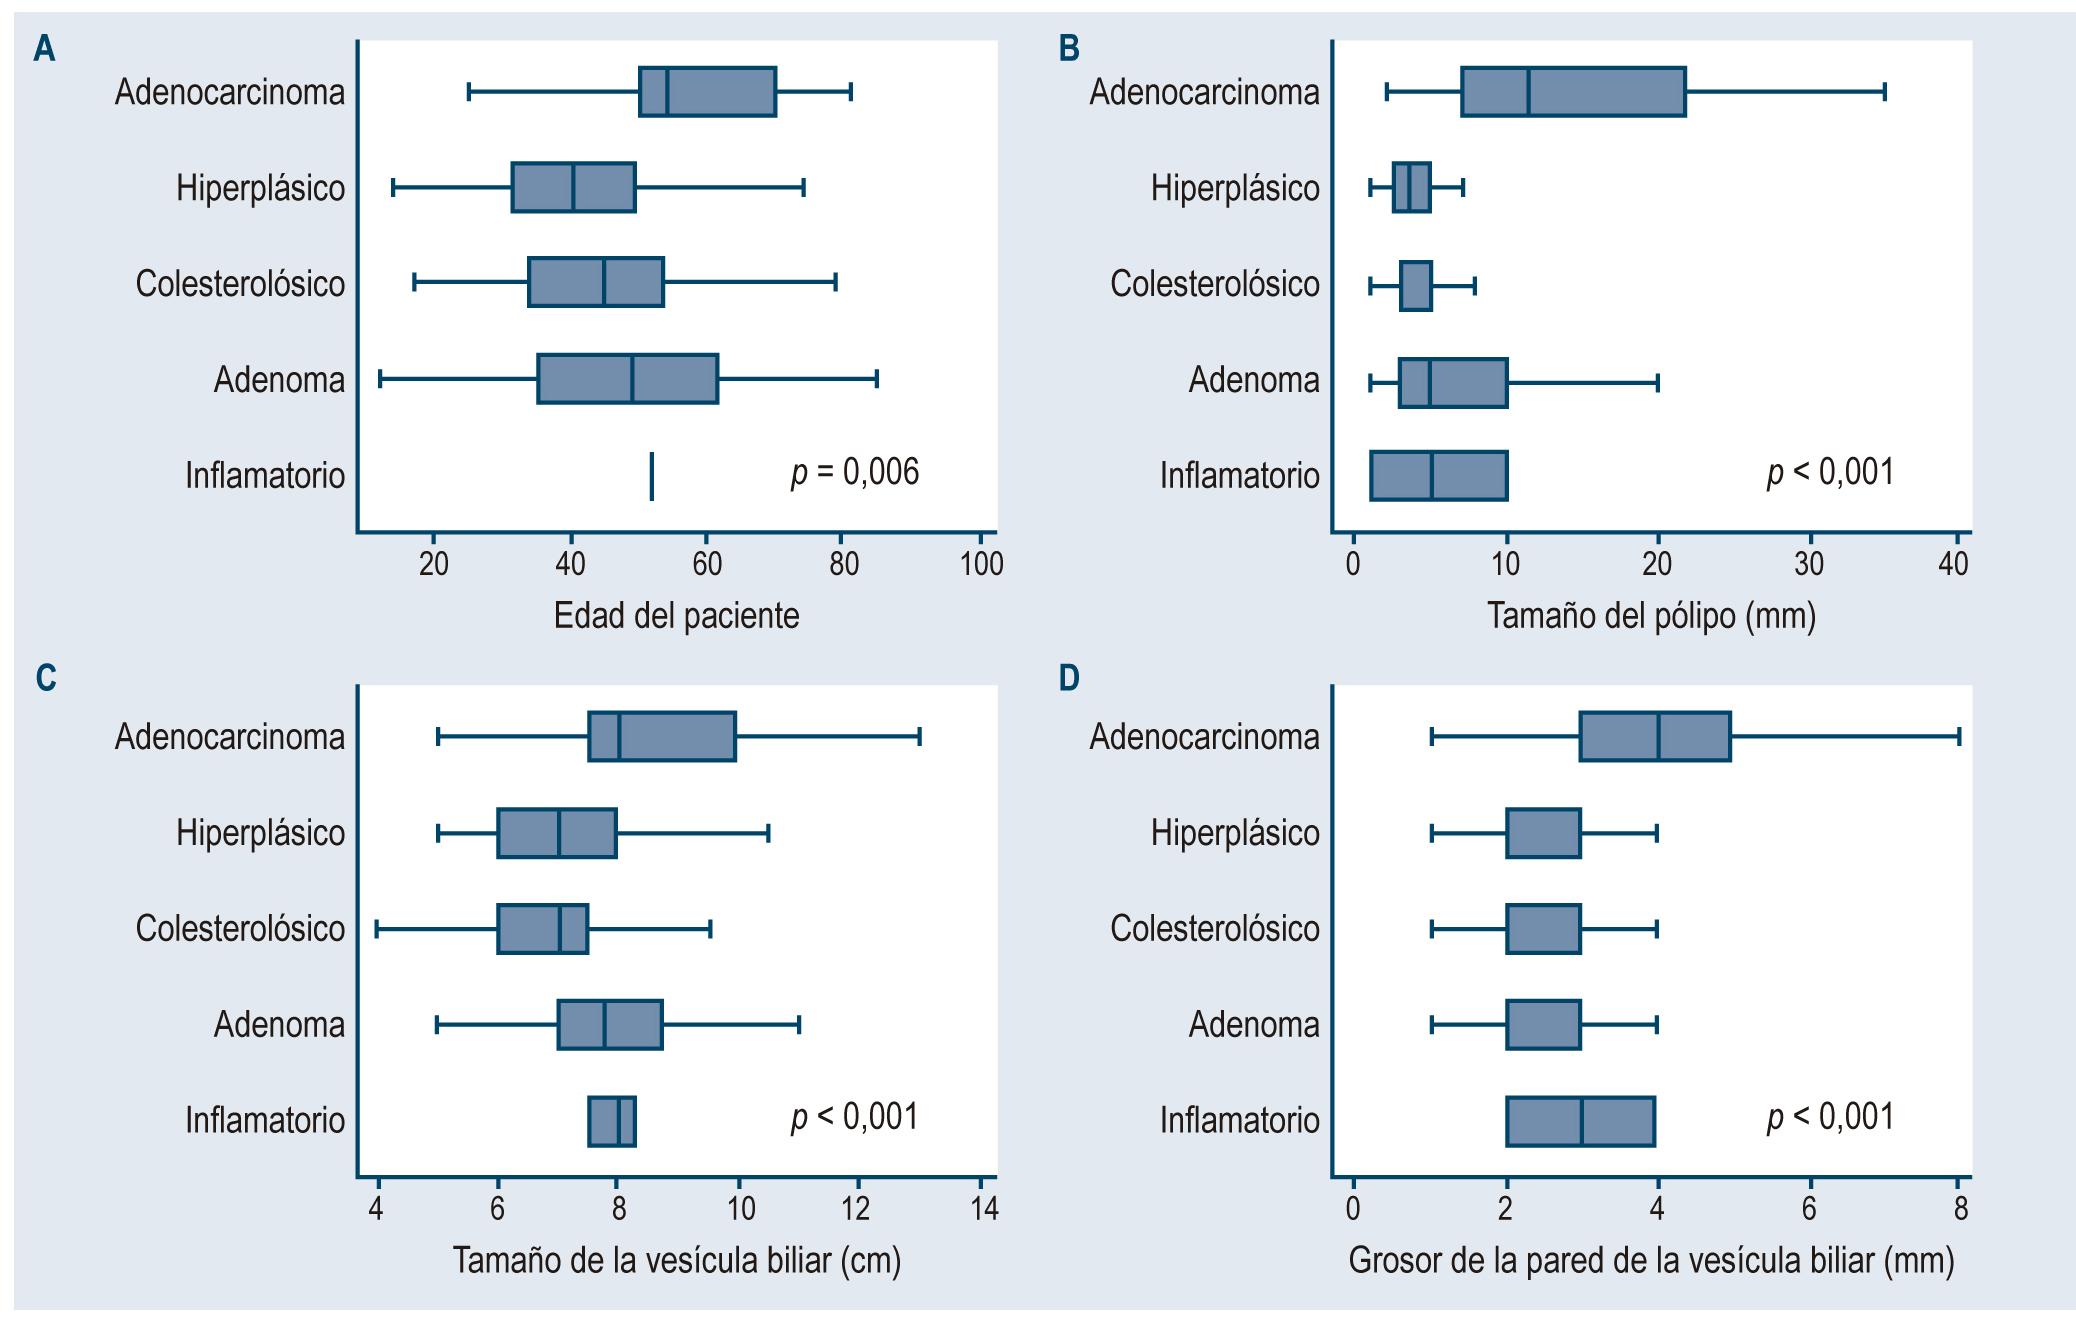 Figura 1. Diferencias de valores según el tipo de pólipo vesicular en pacientes colecistectomizados en dos hospitales de Lima y Callao